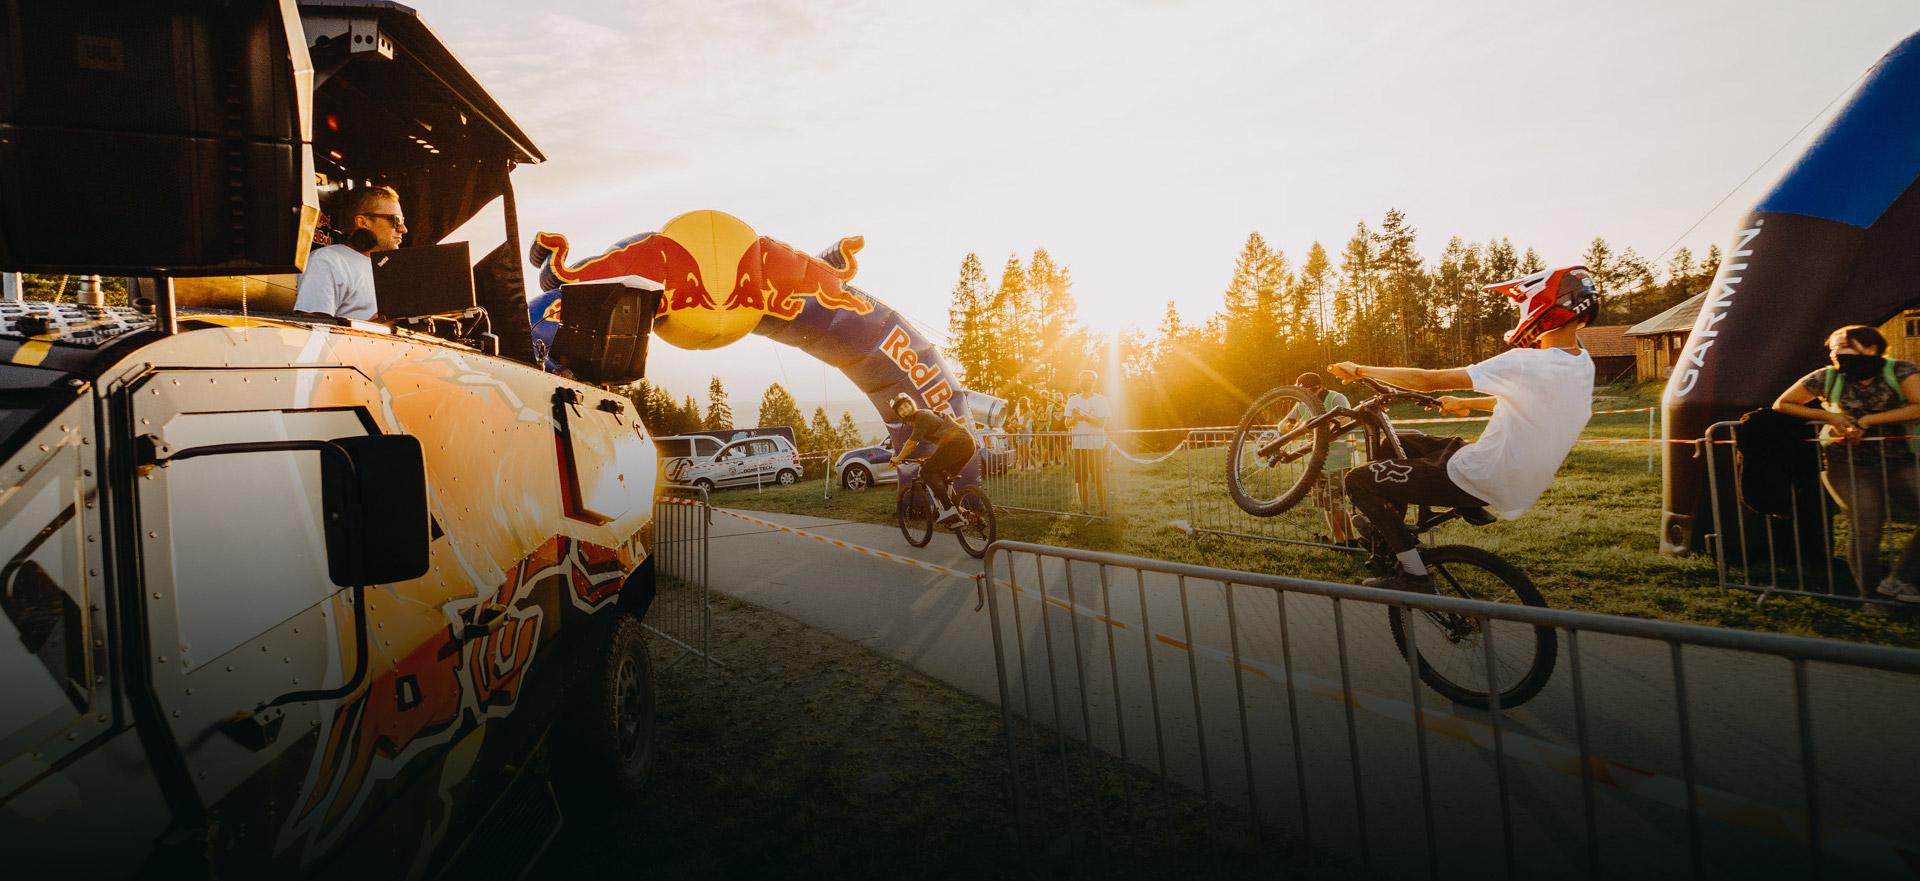 Jesienna wyprzedaż sprzętu – rowery zjazdowe, enduro, MTB w super cenach